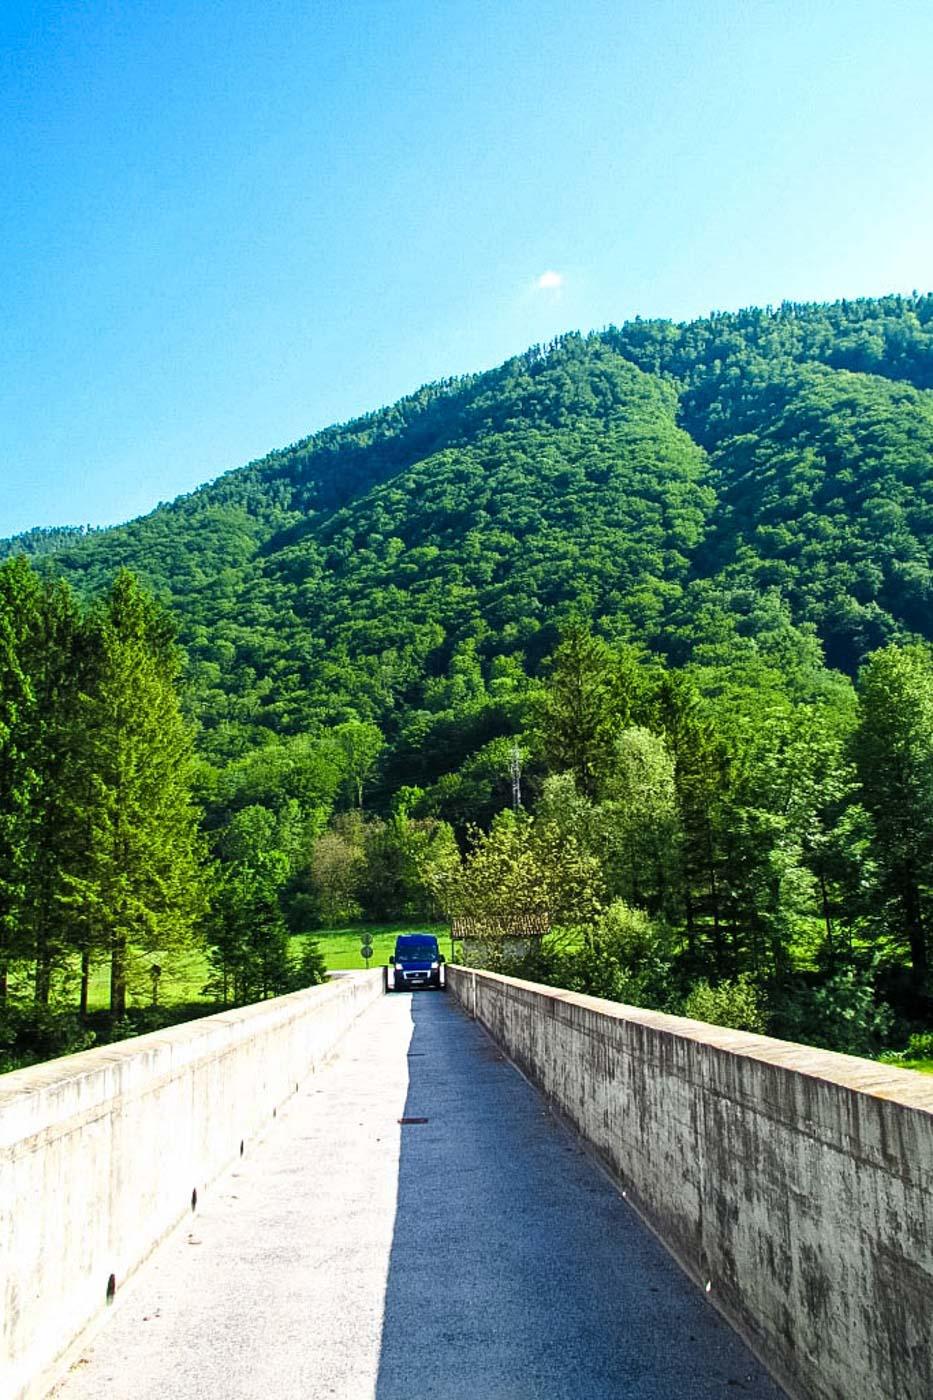 Es ist eine sehr schmale Brücke Brücke zu sehen, über die unser Fiat Ducato fährt und gerade so von der breite über diese fahren kann. Im Hintergrund ist eine tief grün bewachsene Bergflanke zu sehen und darüberr erstreckt sich ein blauer wolkenloser Himmel